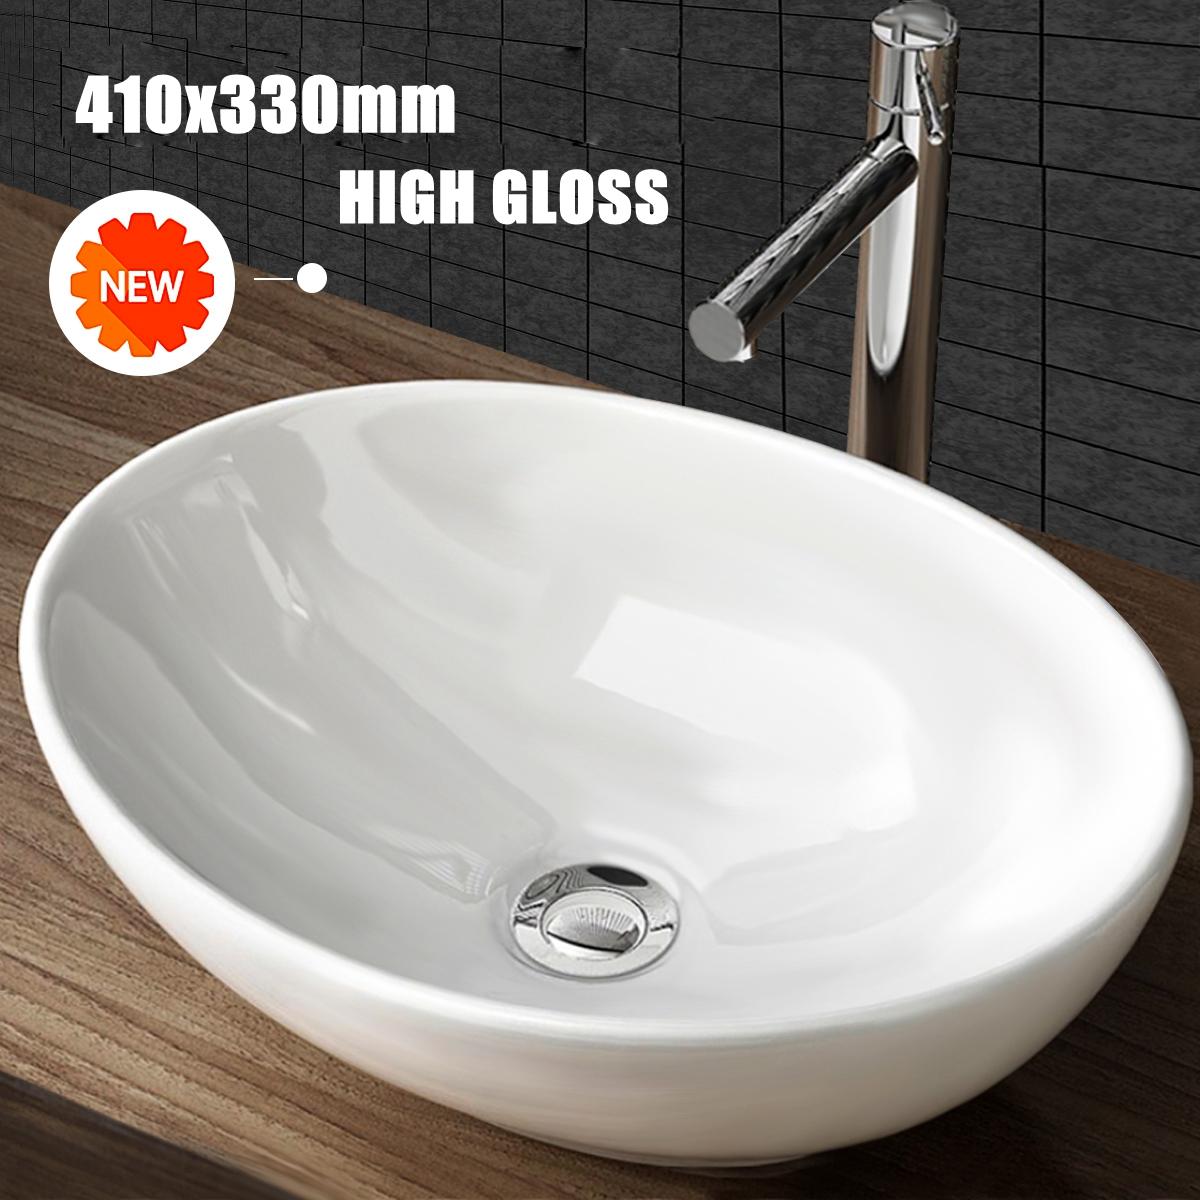 Bagno-antico-retro-rubinetto-lavabo-sfaccettato-con-vasca-da-appoggio-vaso-lavel